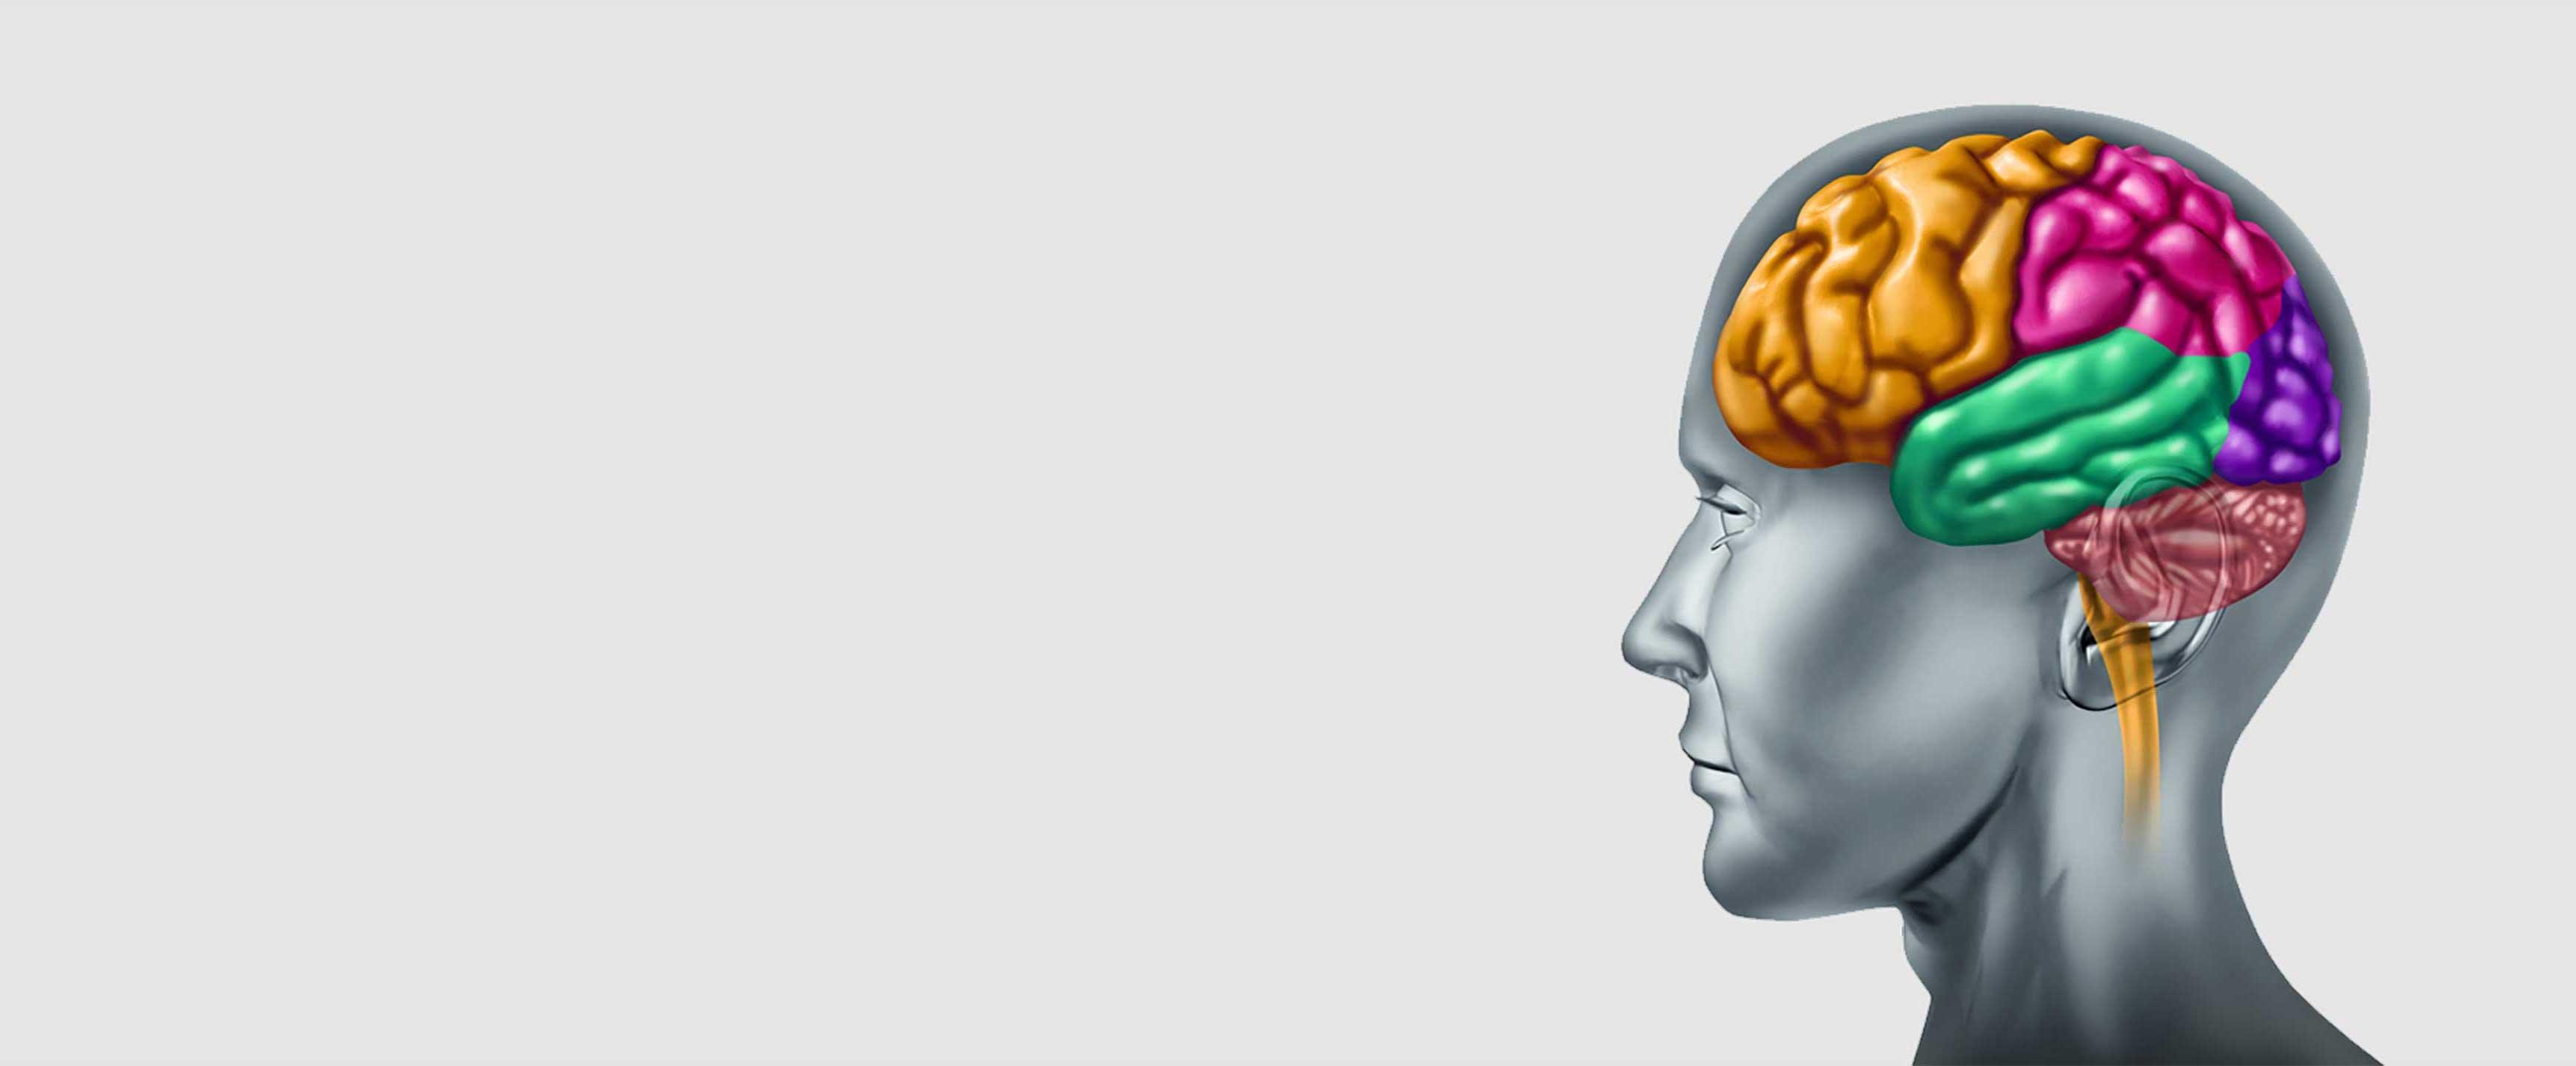 人脑的图像,表示患者在驱动科学和医学研究与开发中的意志和脑力。